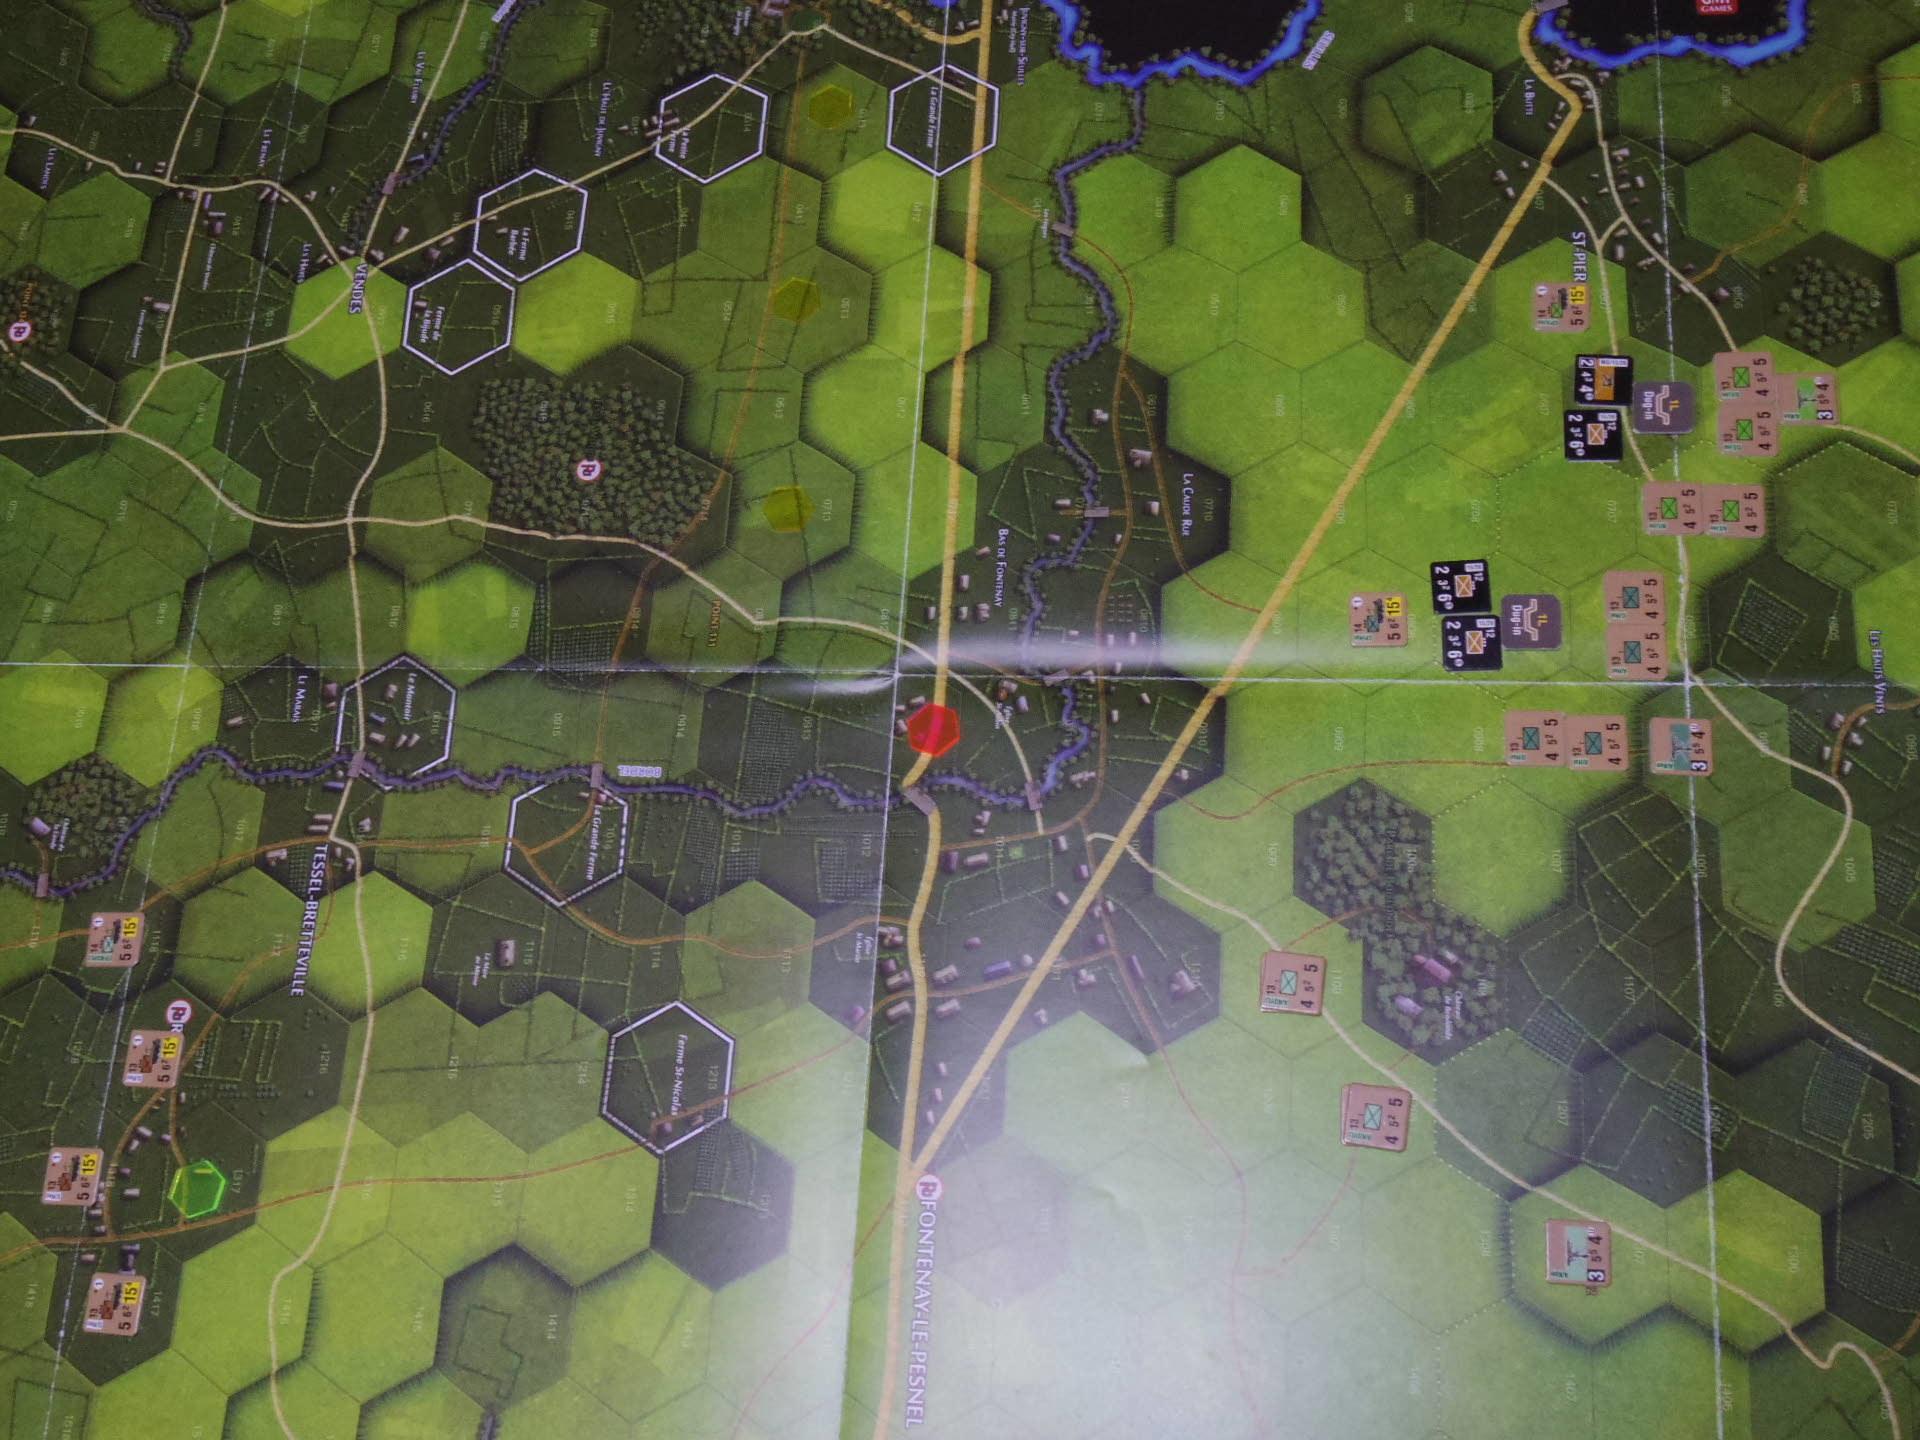 (GMT)ドーントレス作戦:練習シナリオ3「Recon Roundup(偵察の仕上げ)」からシナリオ18.1「Nightmarish Crossroad(悪夢のクロスロード)」その㈠_b0173672_01190978.jpg